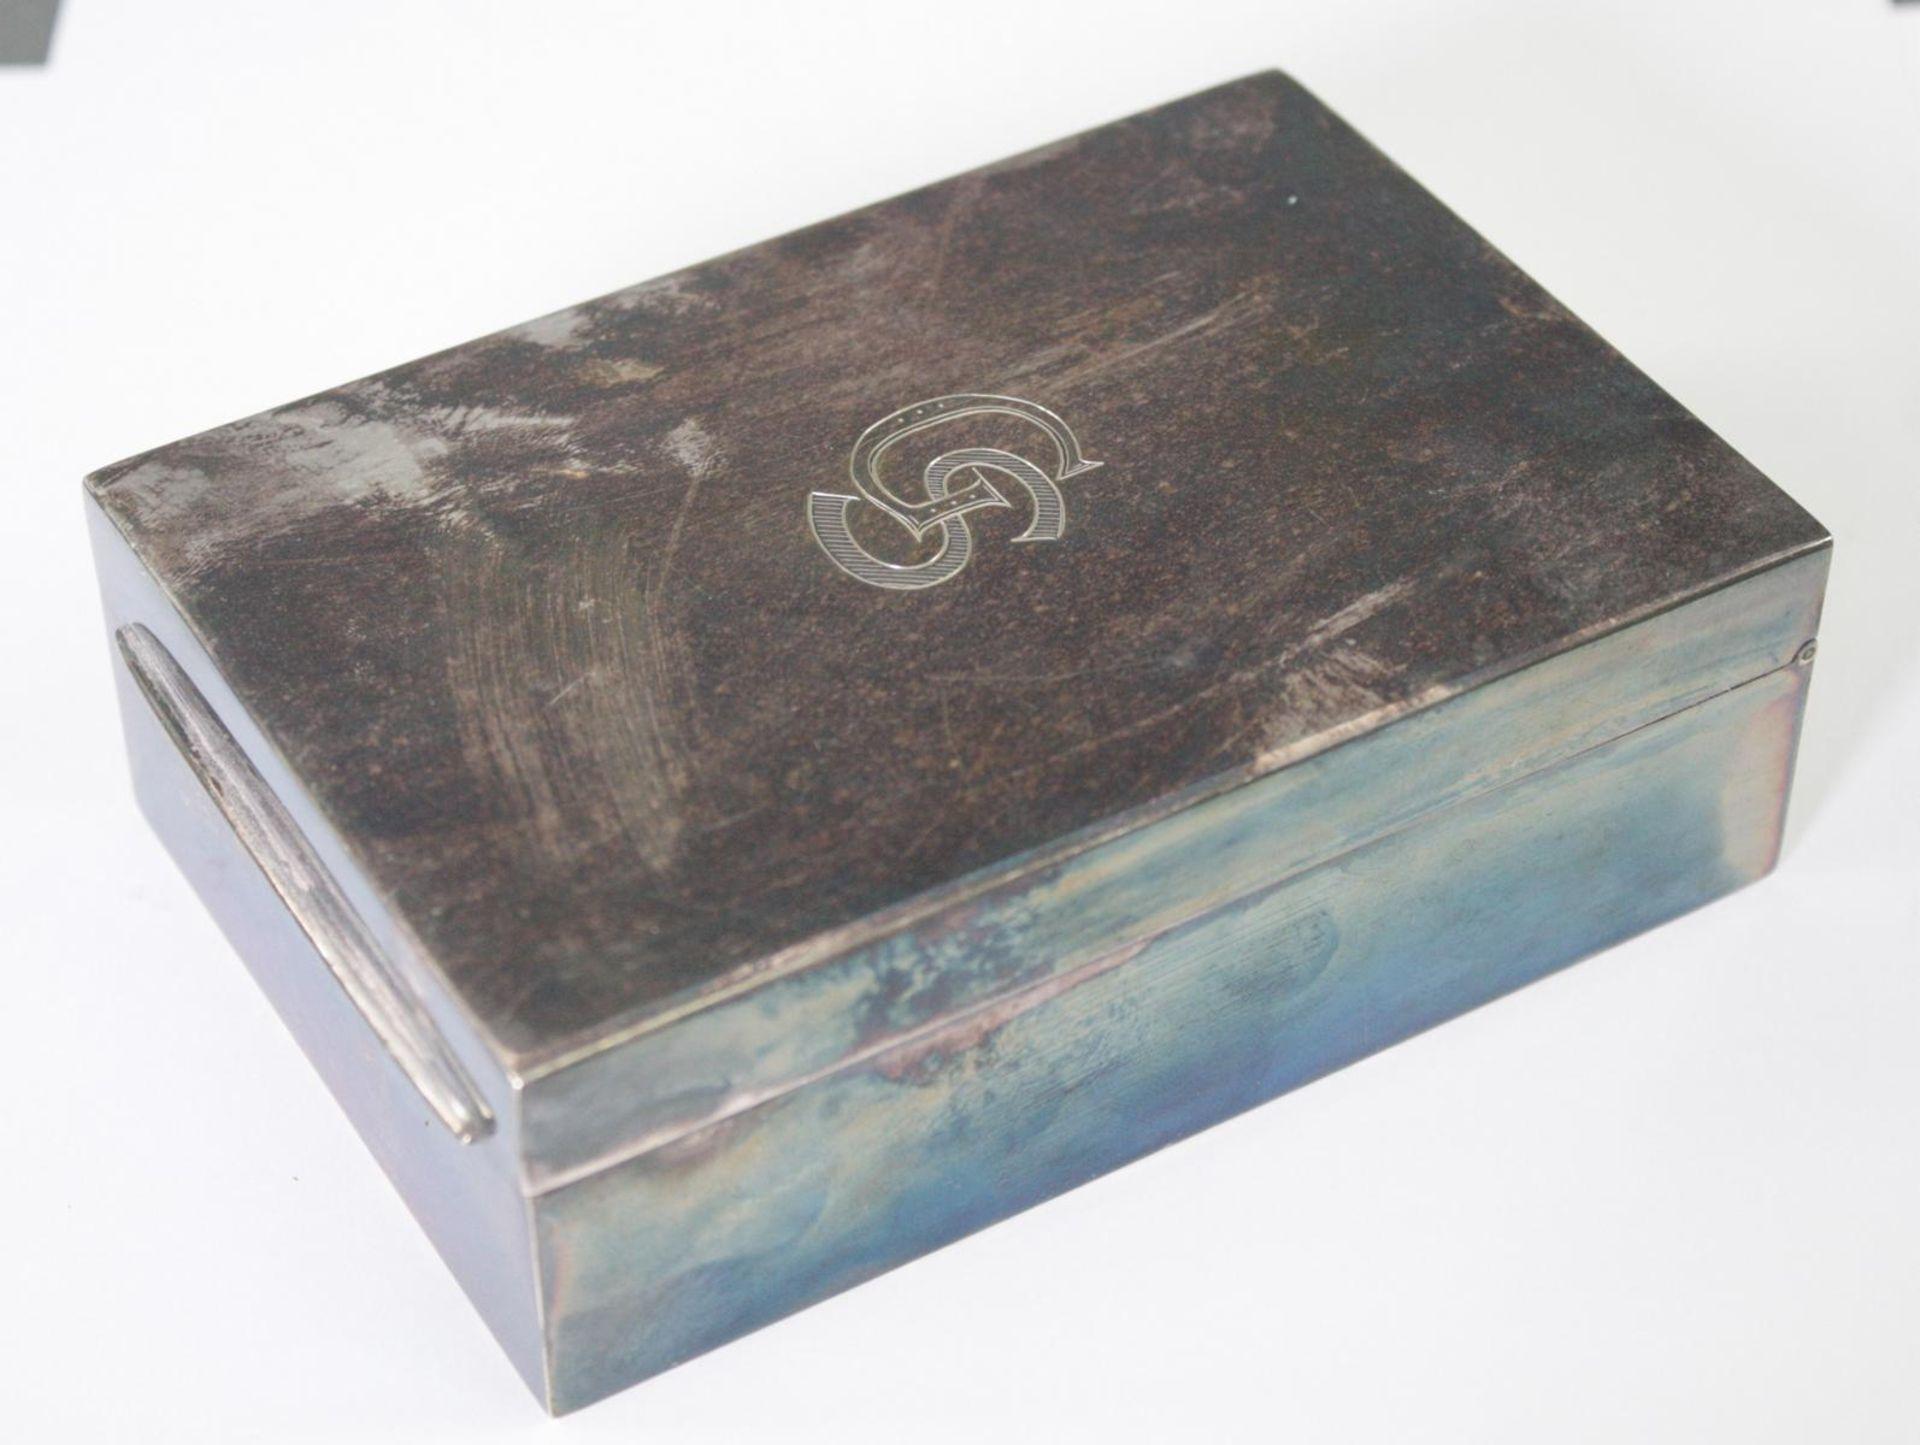 Silberne Deckeldose mit Monogramm GS, Zigarettendose - Bild 2 aus 6